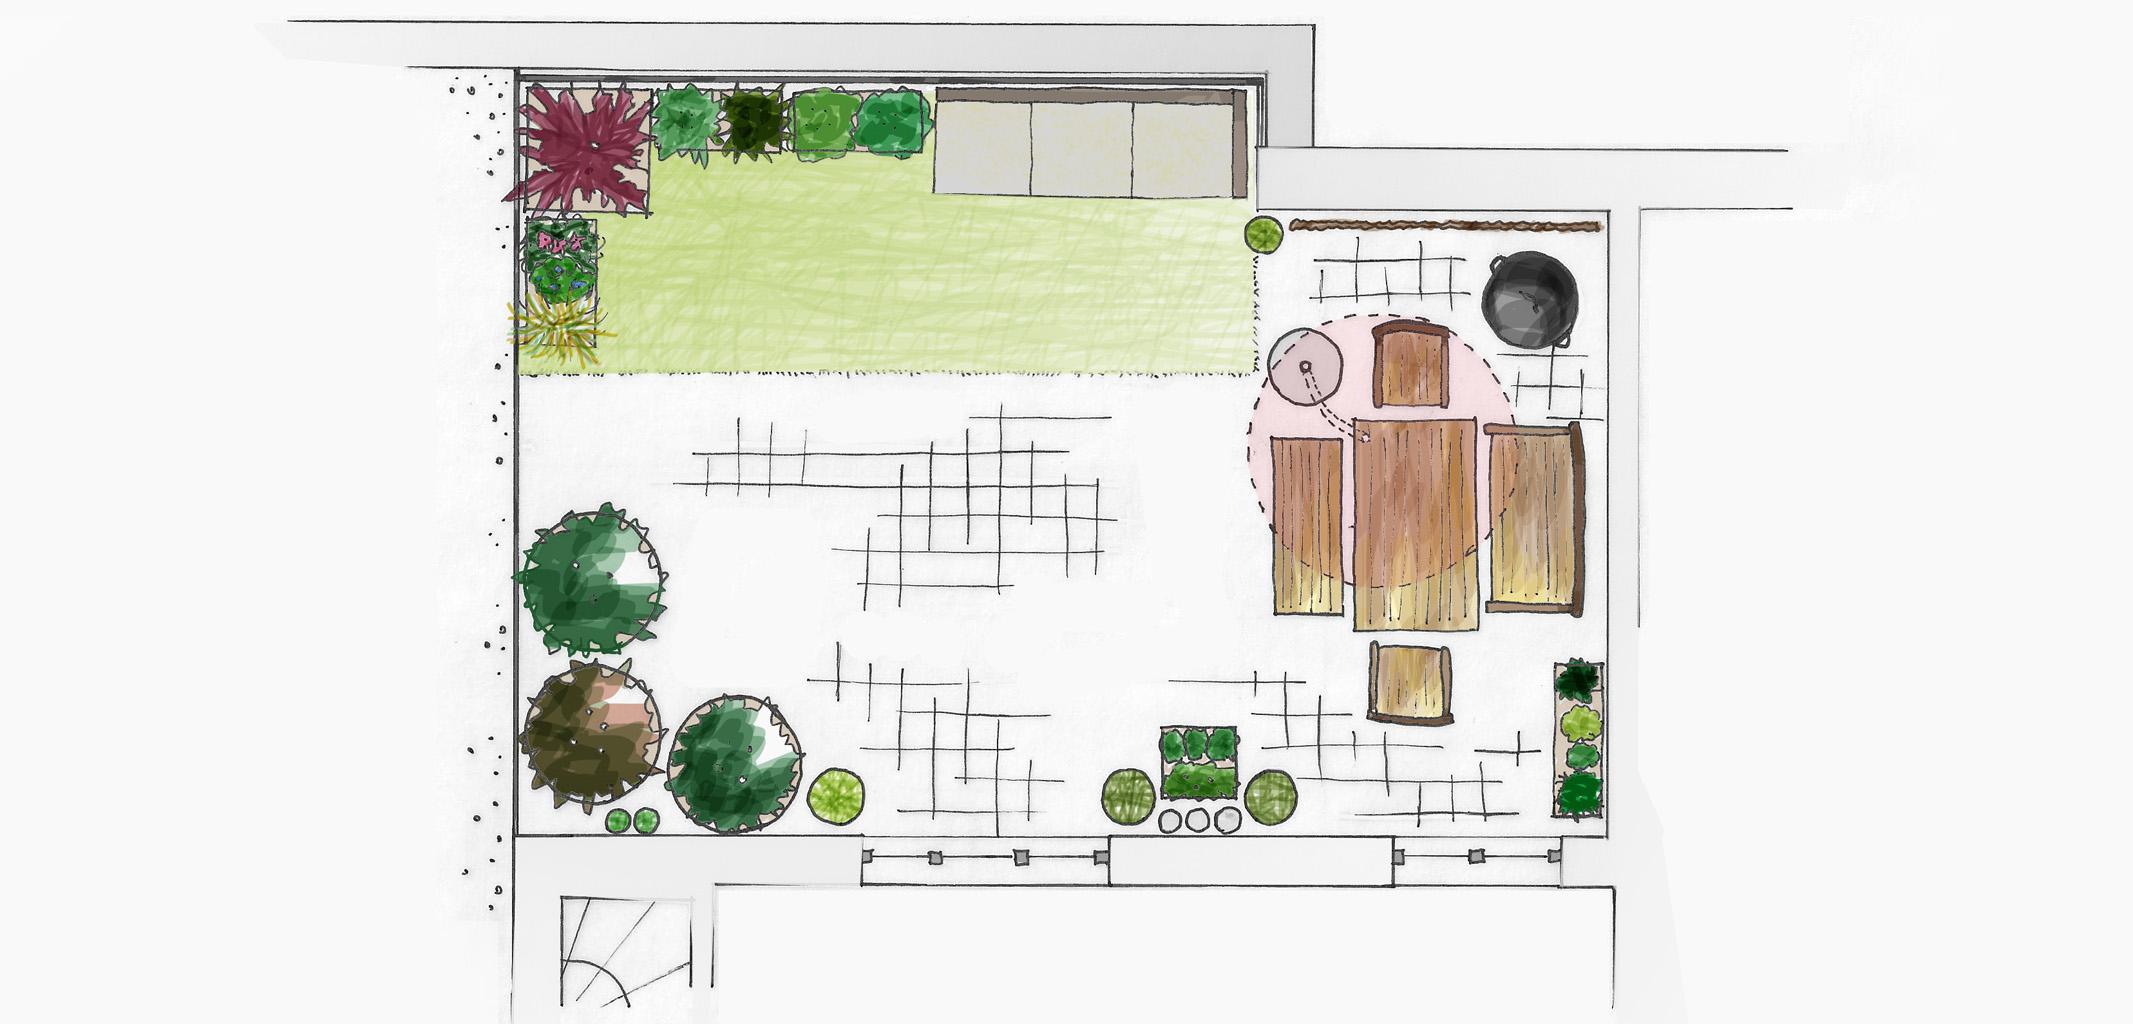 Dach-Terrassen-Konzept L.